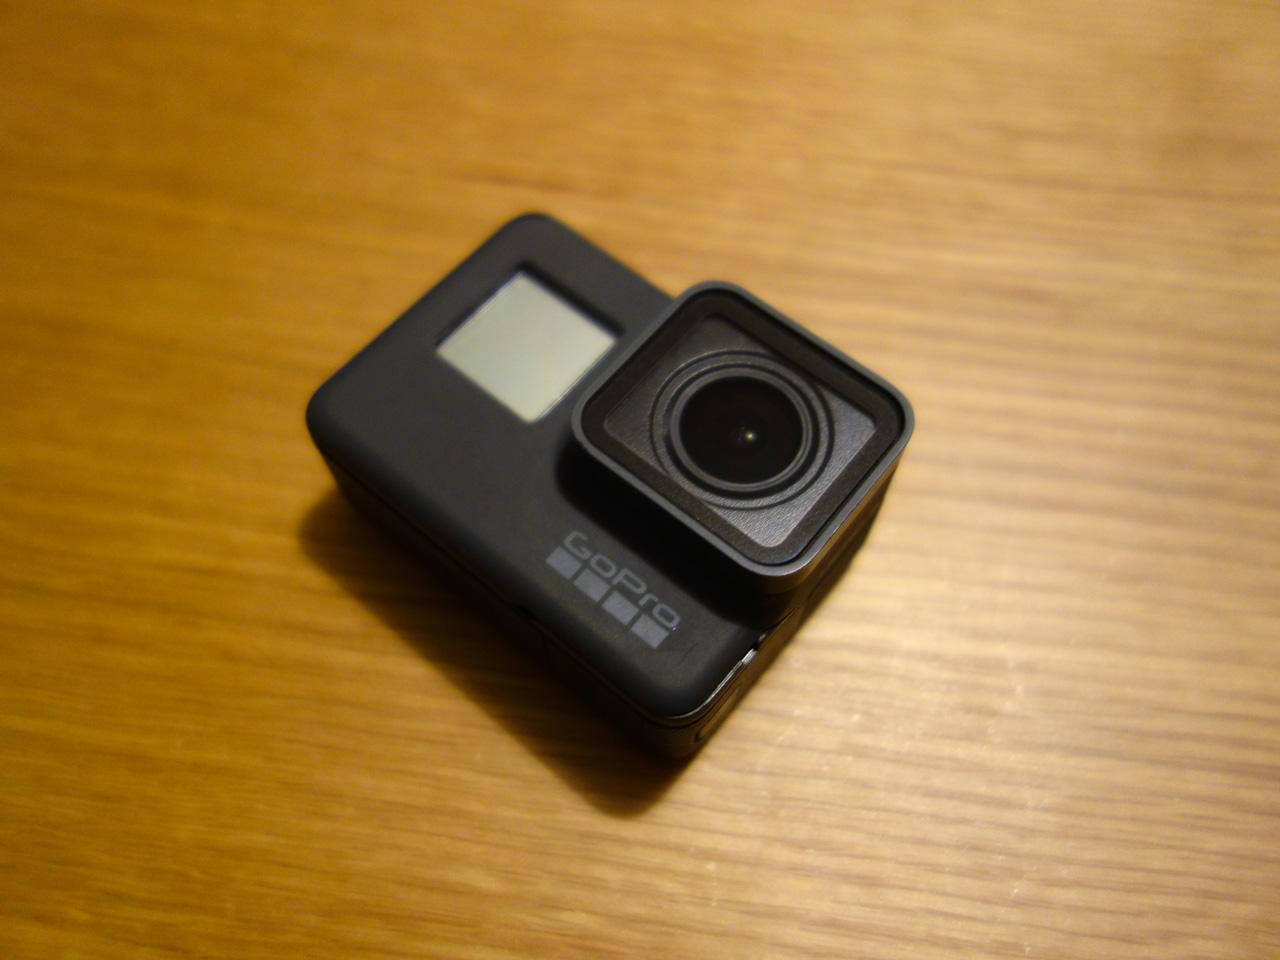 GoPro 基本&応用ガイド| 初心者でもわかりやすく使い方を解説